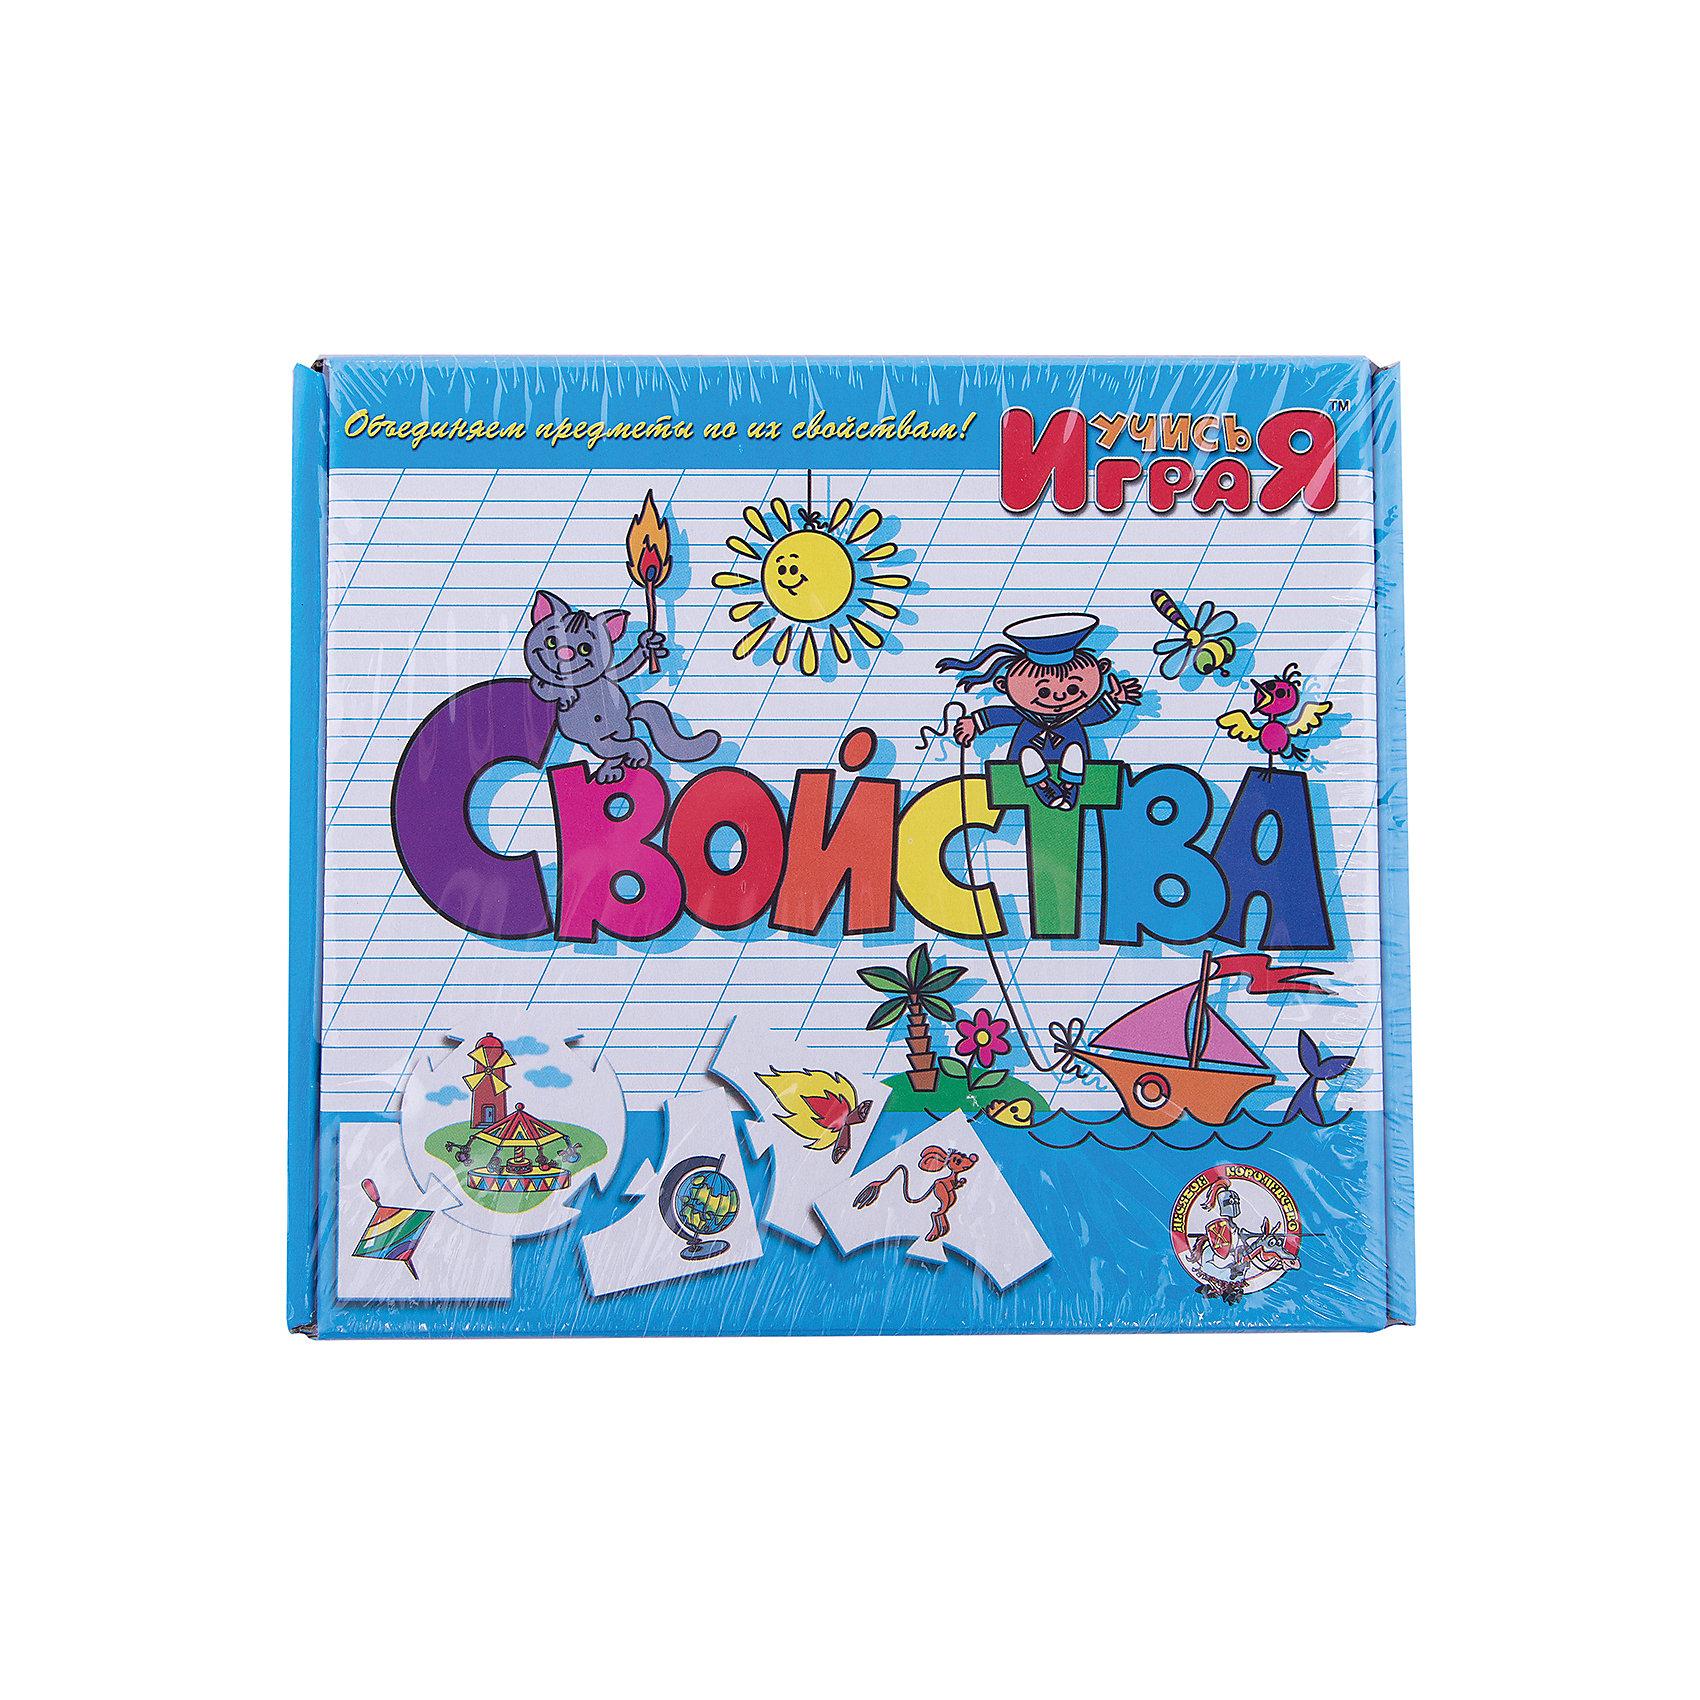 Игра обучающая  Свойства, Десятое королевствоИгра обучающая Свойства, Десятое королевство<br><br>Характеристики:<br><br>• Возраст: от 3 лет<br>• Количество игроков: от 1 до 10<br>• В комплекте: 10 карточек заданий, 4 карточки с ответами<br><br>В этой увлекательной обучающей игре могут участвовать одновременно от 1 до 10 детей! В наборе содержатся 10 карточек-заданий, на которых изображены рисунки по теме «свойства». К каждой необходимо найти 4 карточки-ответа, чтобы дополнить их содержание. В процессе игры дети учатся объединять объекты по различным свойствам, работают над мелкой моторикой и расширяют свои знания и представления об окружающем мире.<br><br>Игра обучающая Свойства, Десятое королевство можно купить в нашем интернет-магазине.<br><br>Ширина мм: 230<br>Глубина мм: 200<br>Высота мм: 35<br>Вес г: 240<br>Возраст от месяцев: 84<br>Возраст до месяцев: 2147483647<br>Пол: Унисекс<br>Возраст: Детский<br>SKU: 5471684